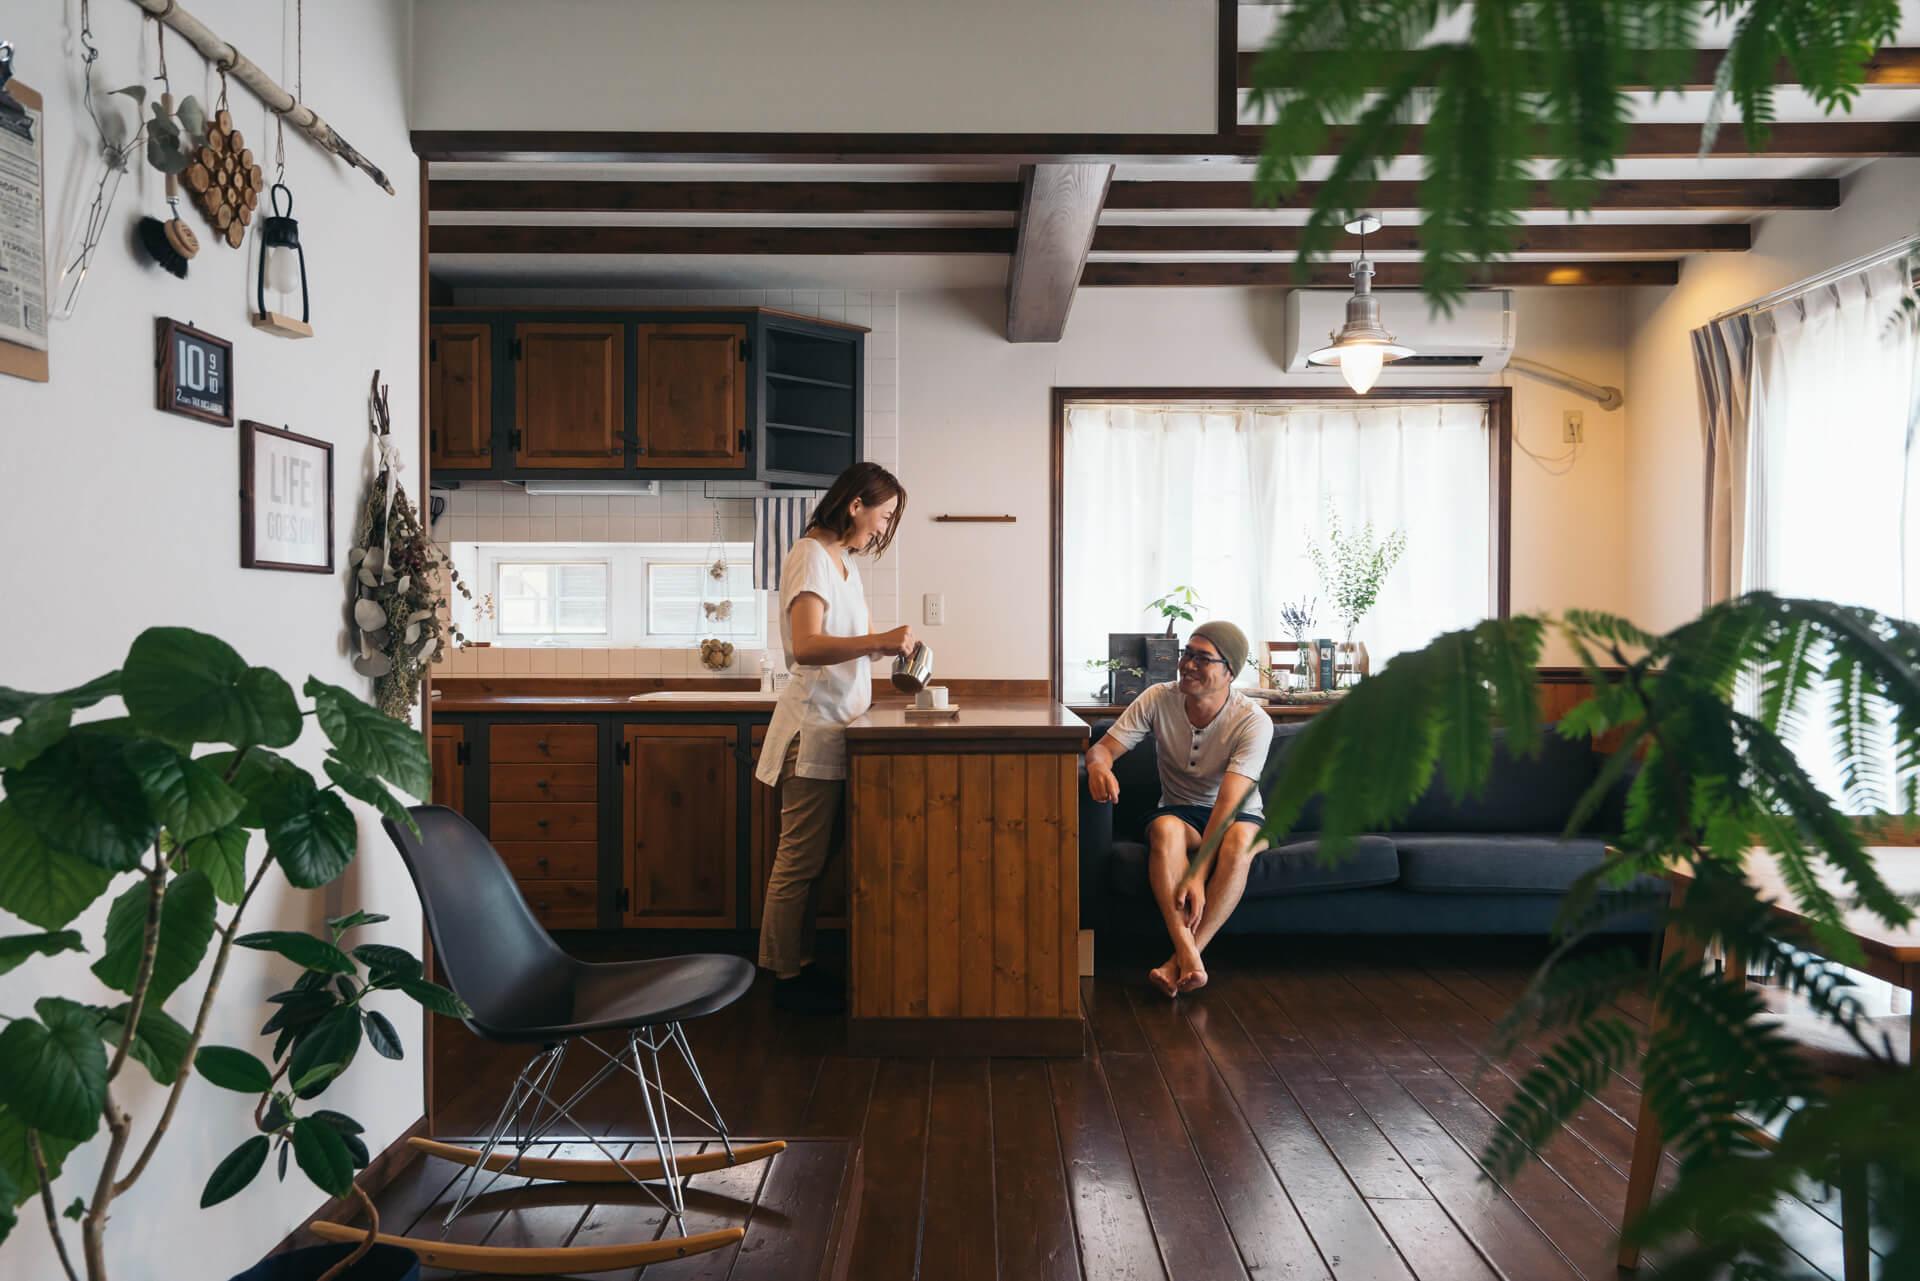 お気に入りの日用品を楽しく飾る。maimai さんの器とキッチン